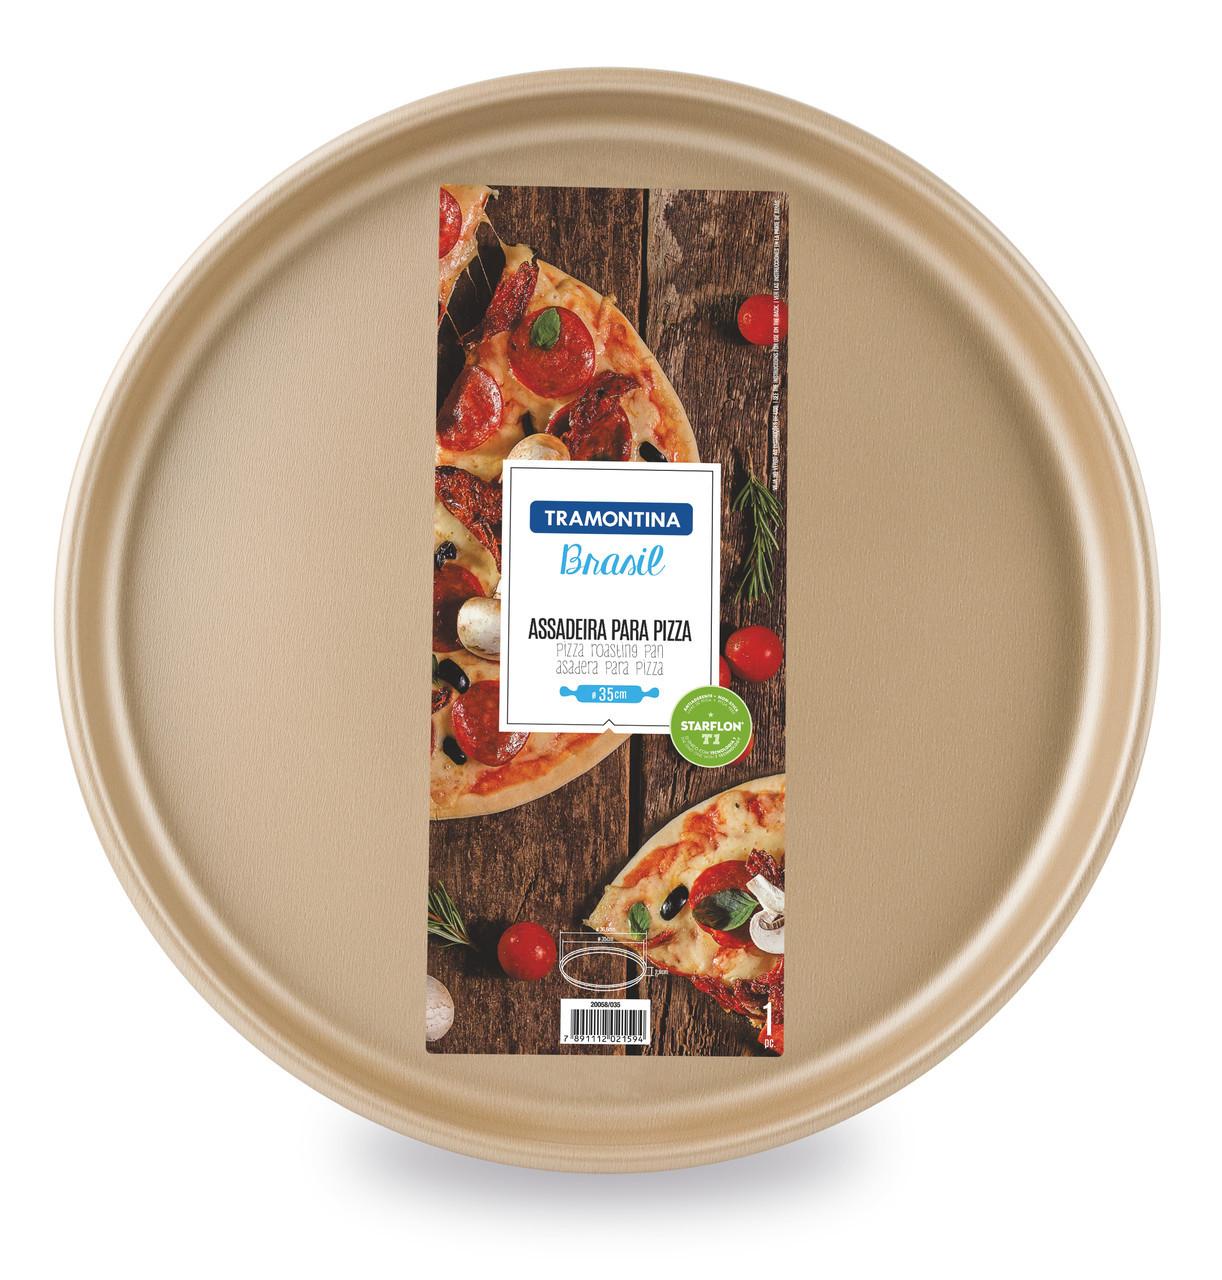 Форма для выпечки пиццы 35см, Brasil Tramontina